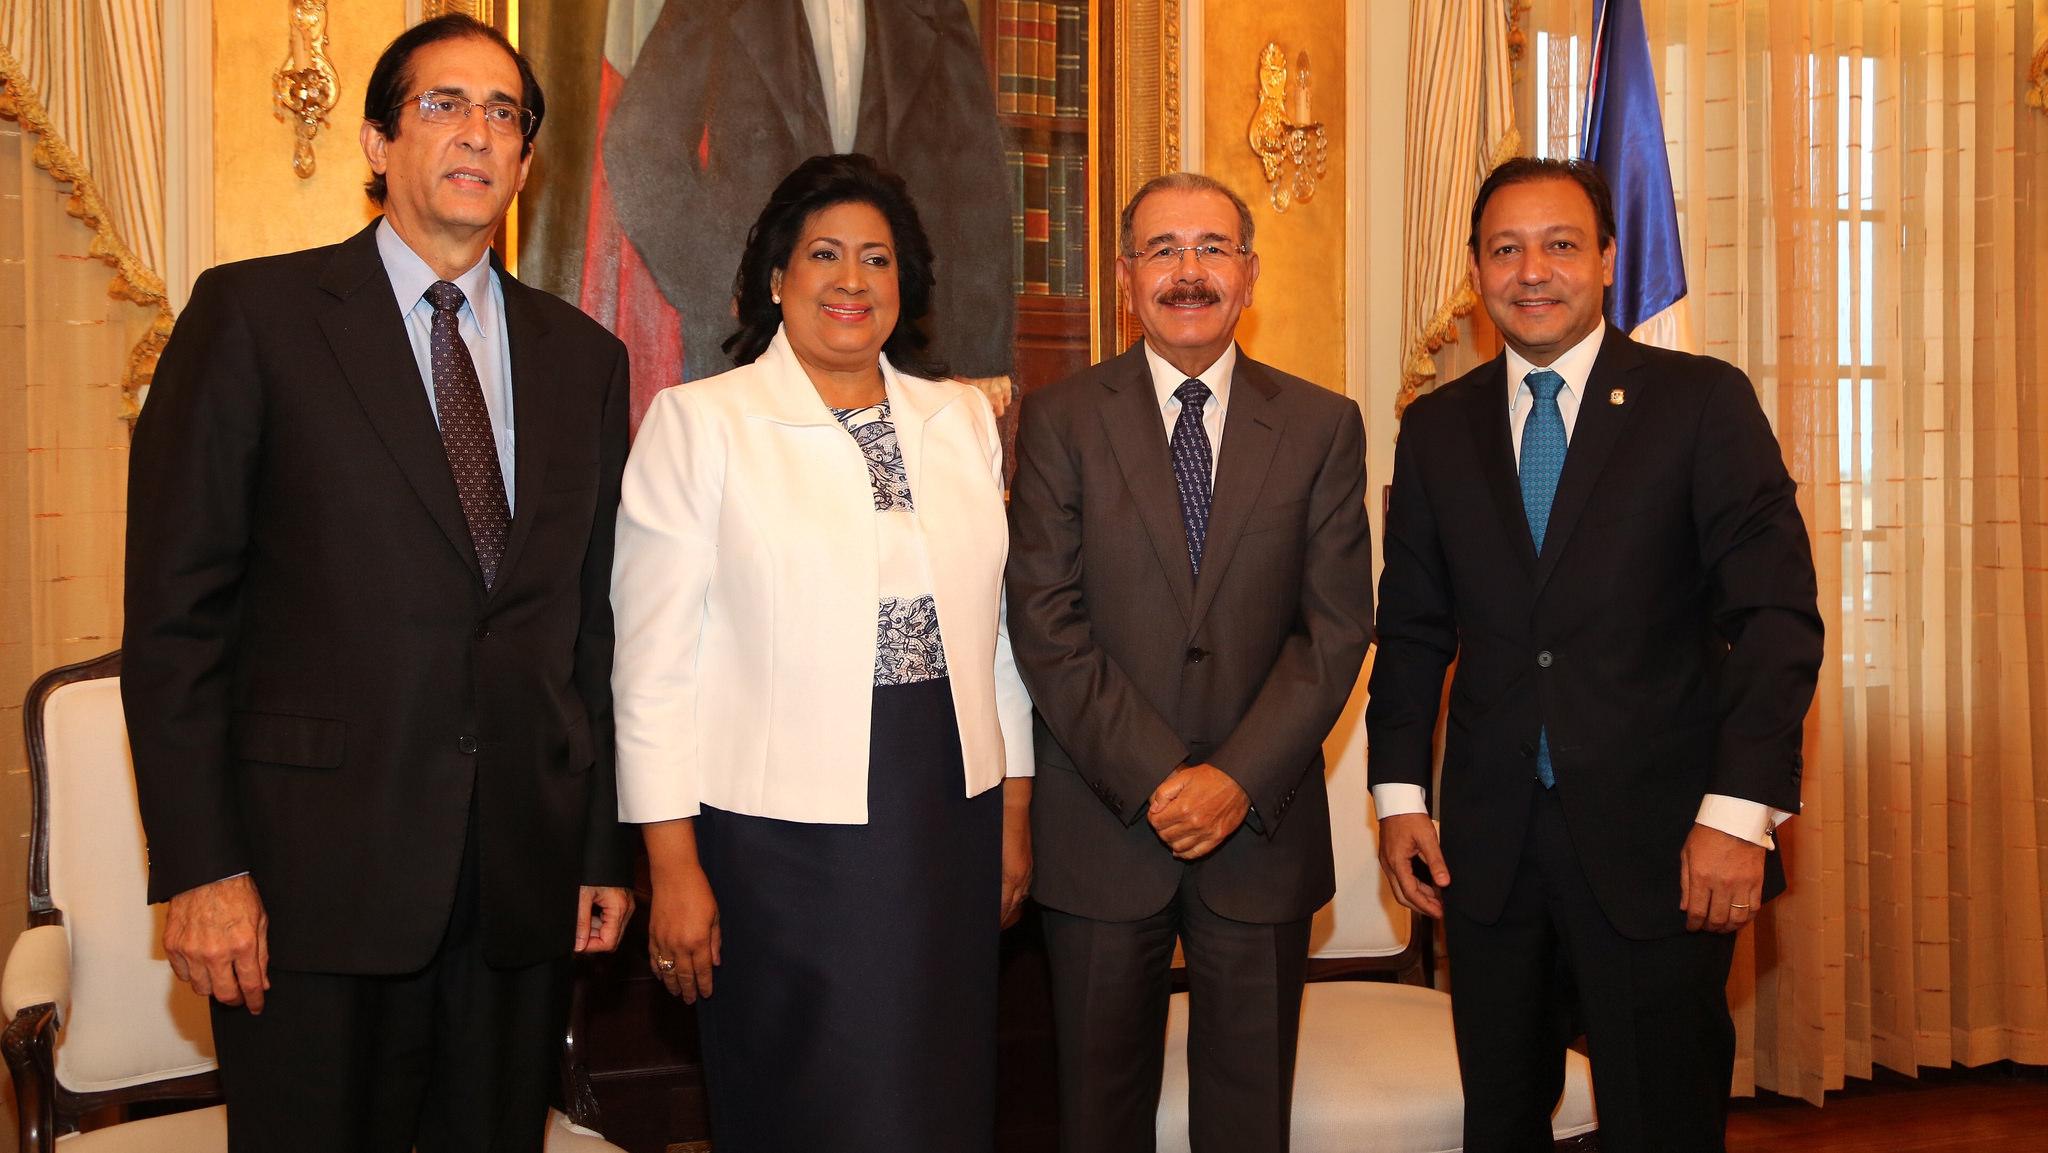 Gobernante revisa agenda de leyes con Montalvo y presidentes cámaras legislativas